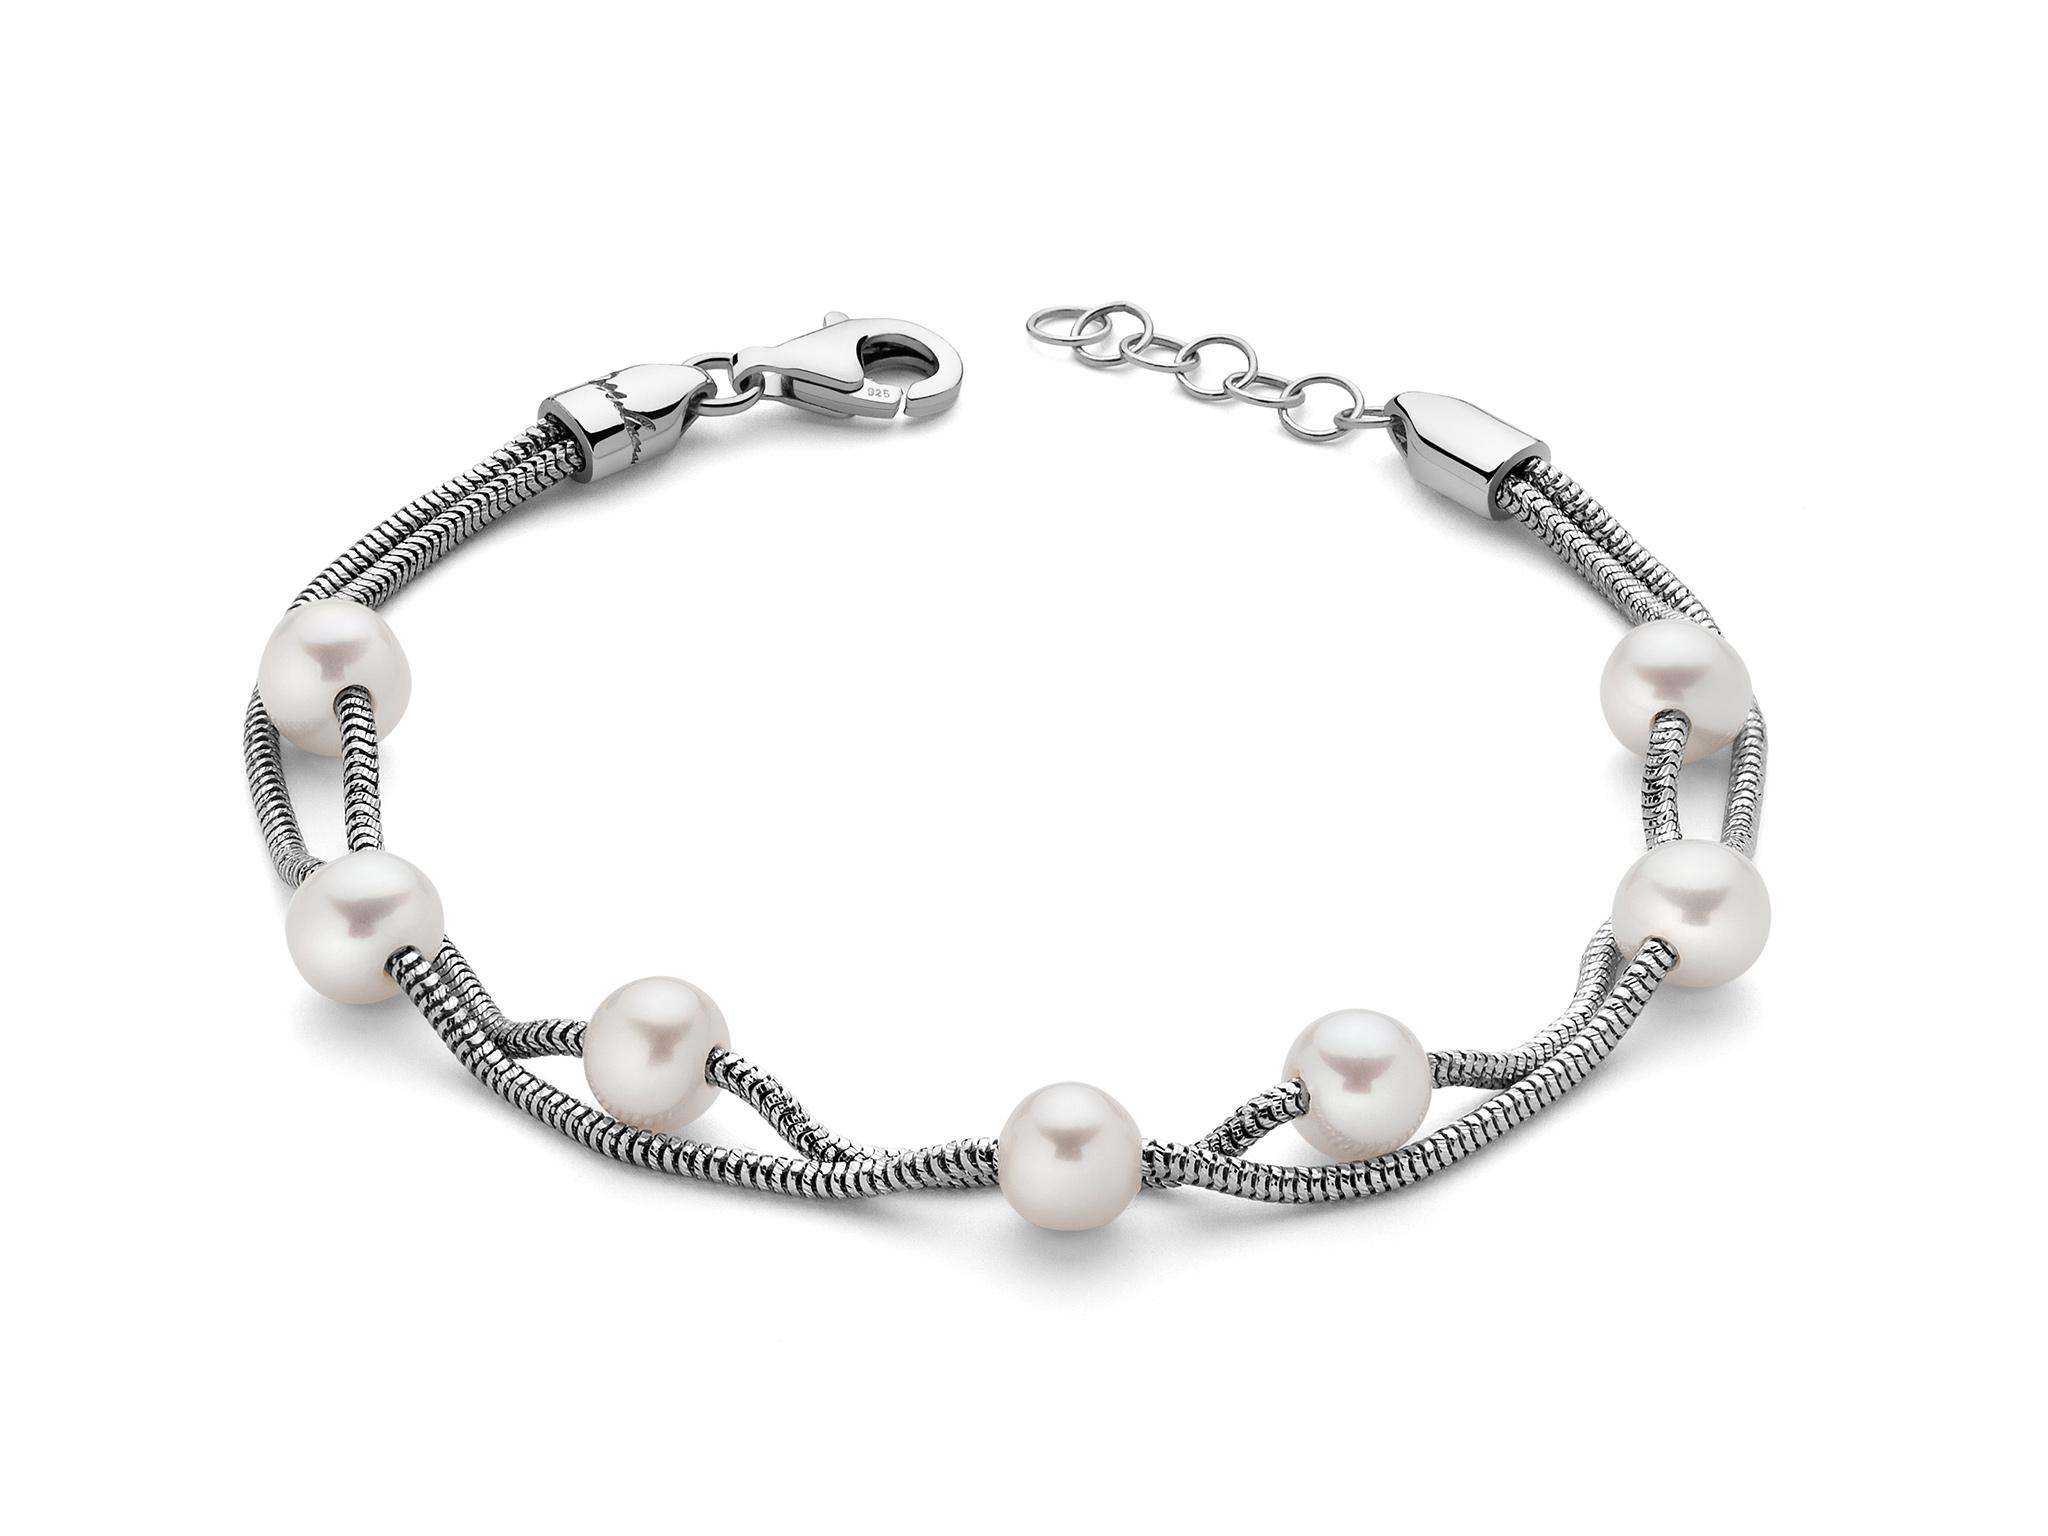 Bracciale multifilo in argento con perle - PBR2832